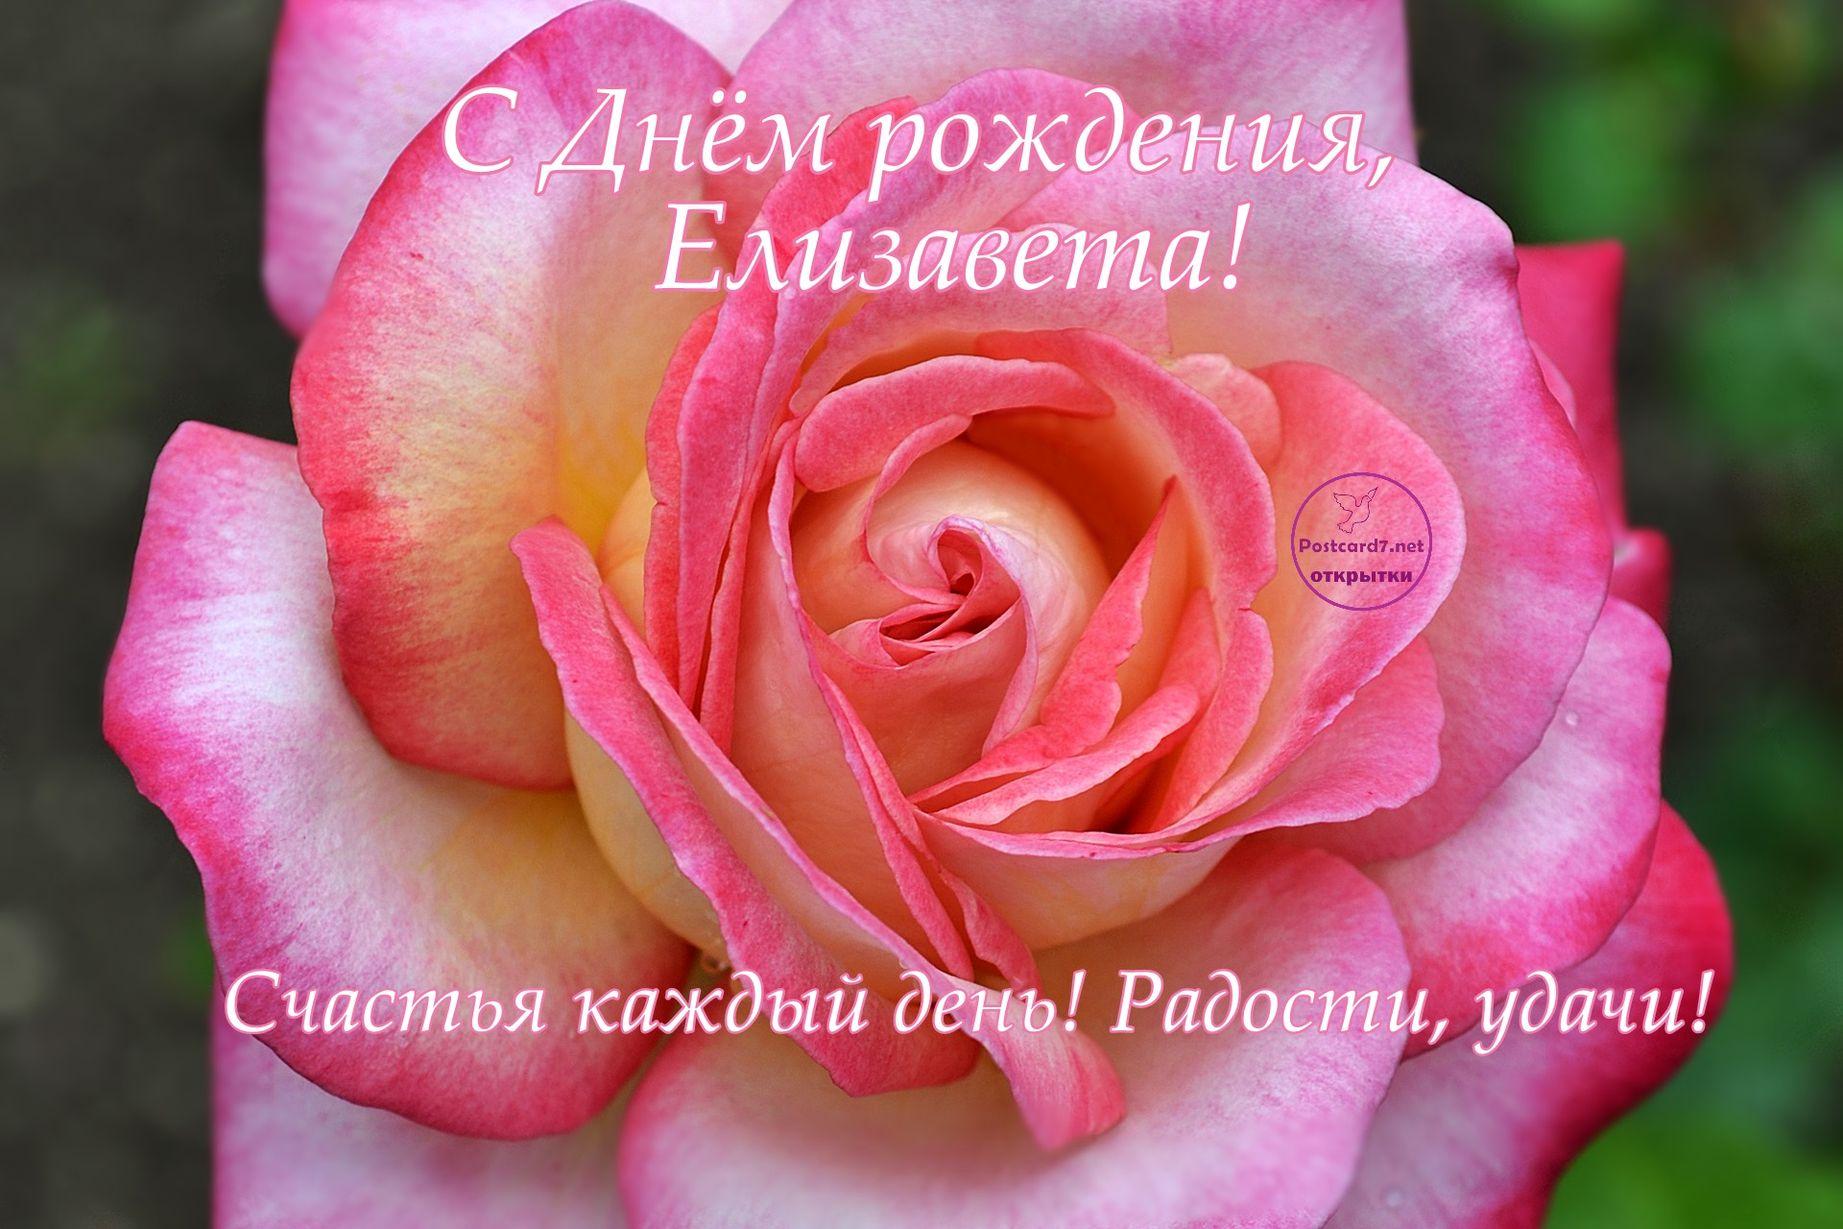 поздравления елизавете с днем рождения красивые картинки точно они застрахованы